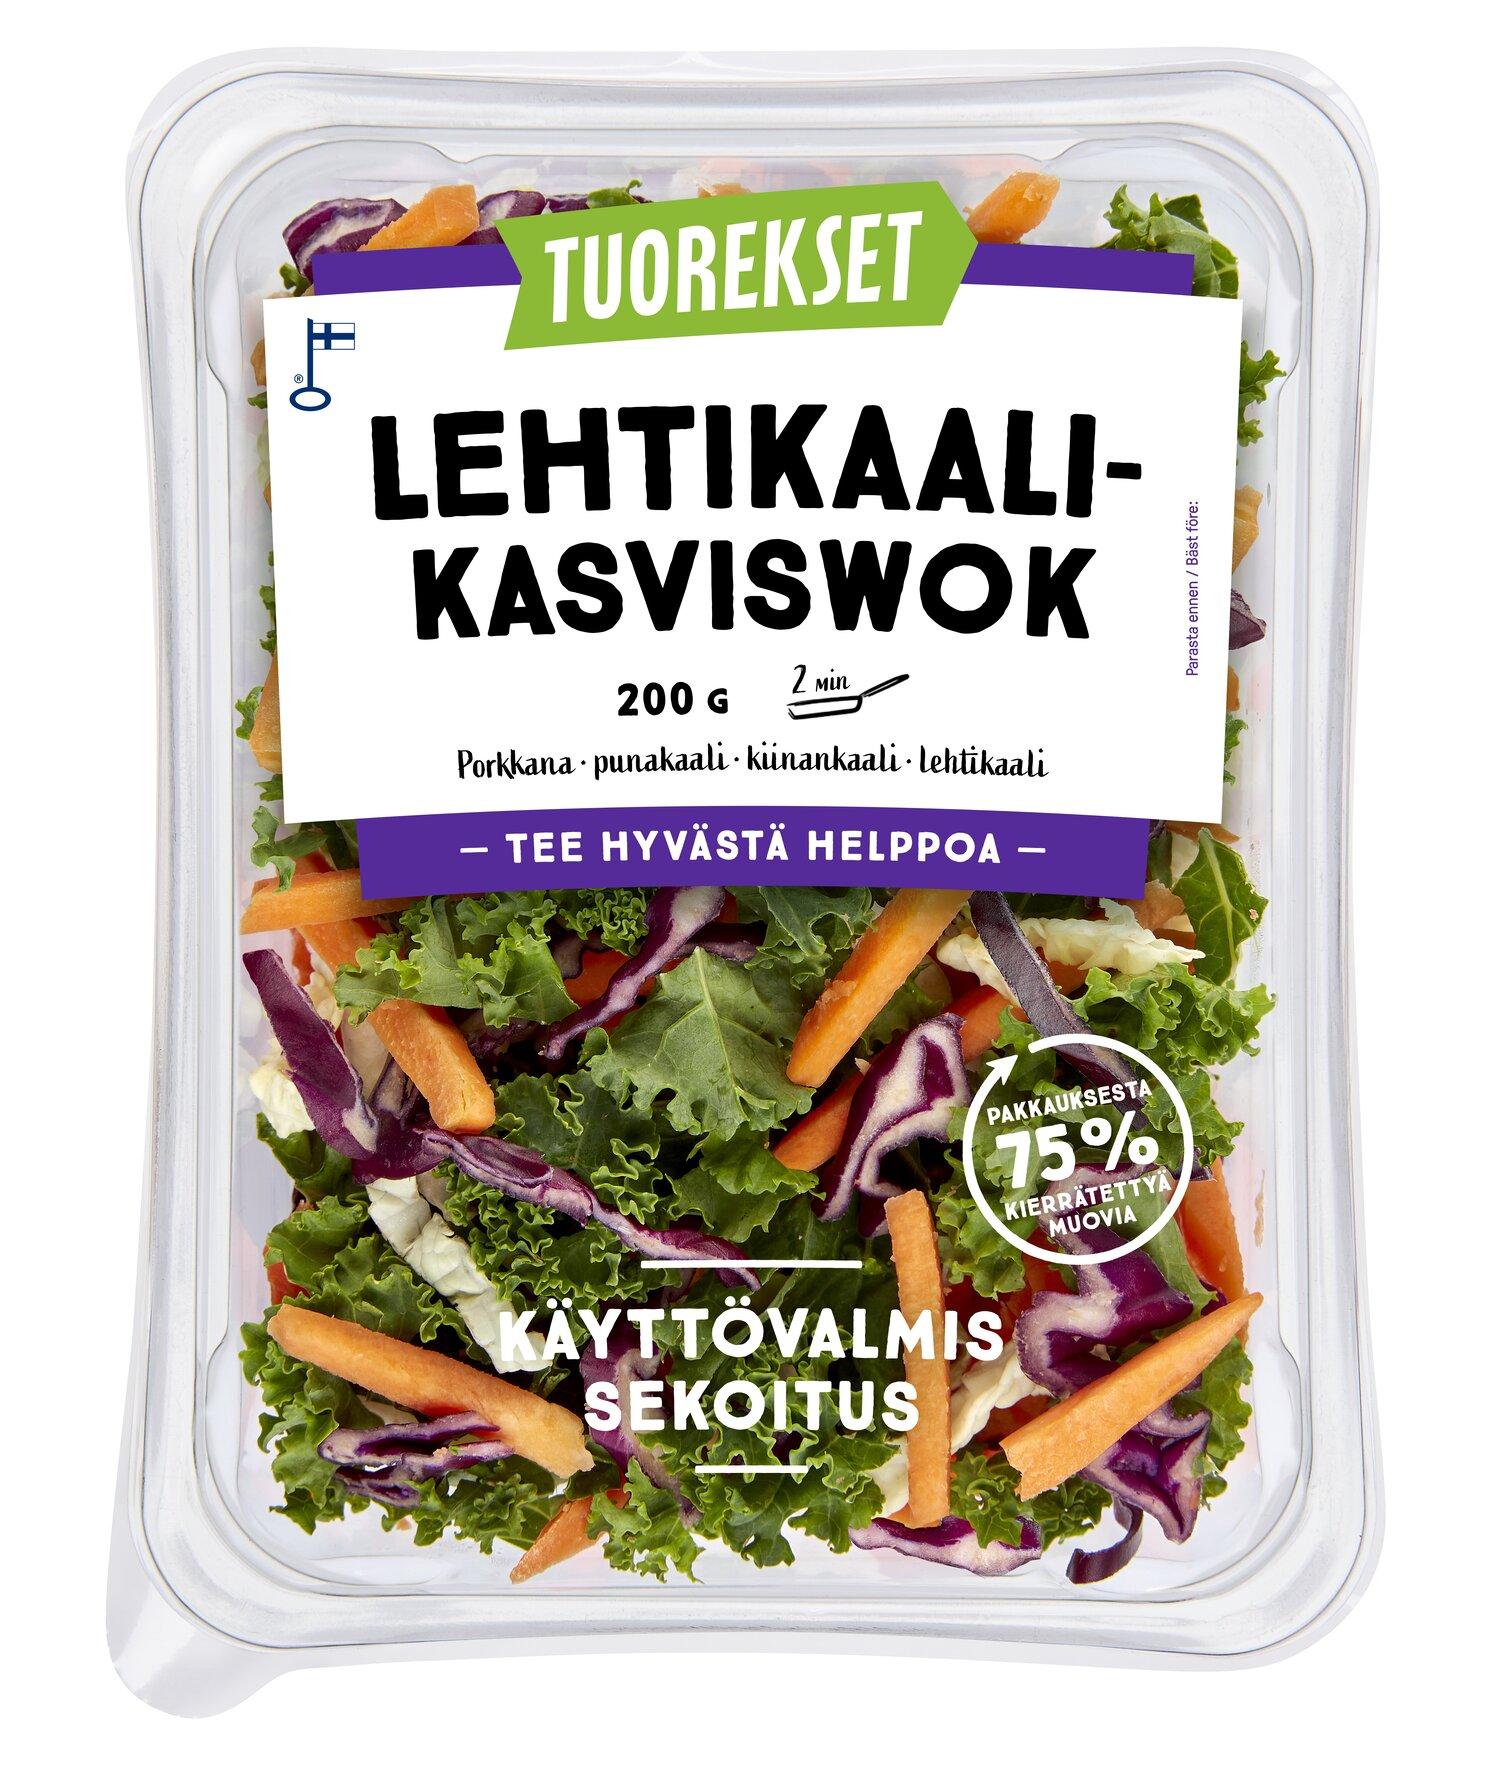 Tuorekset Lehtikaali-Kasviswok